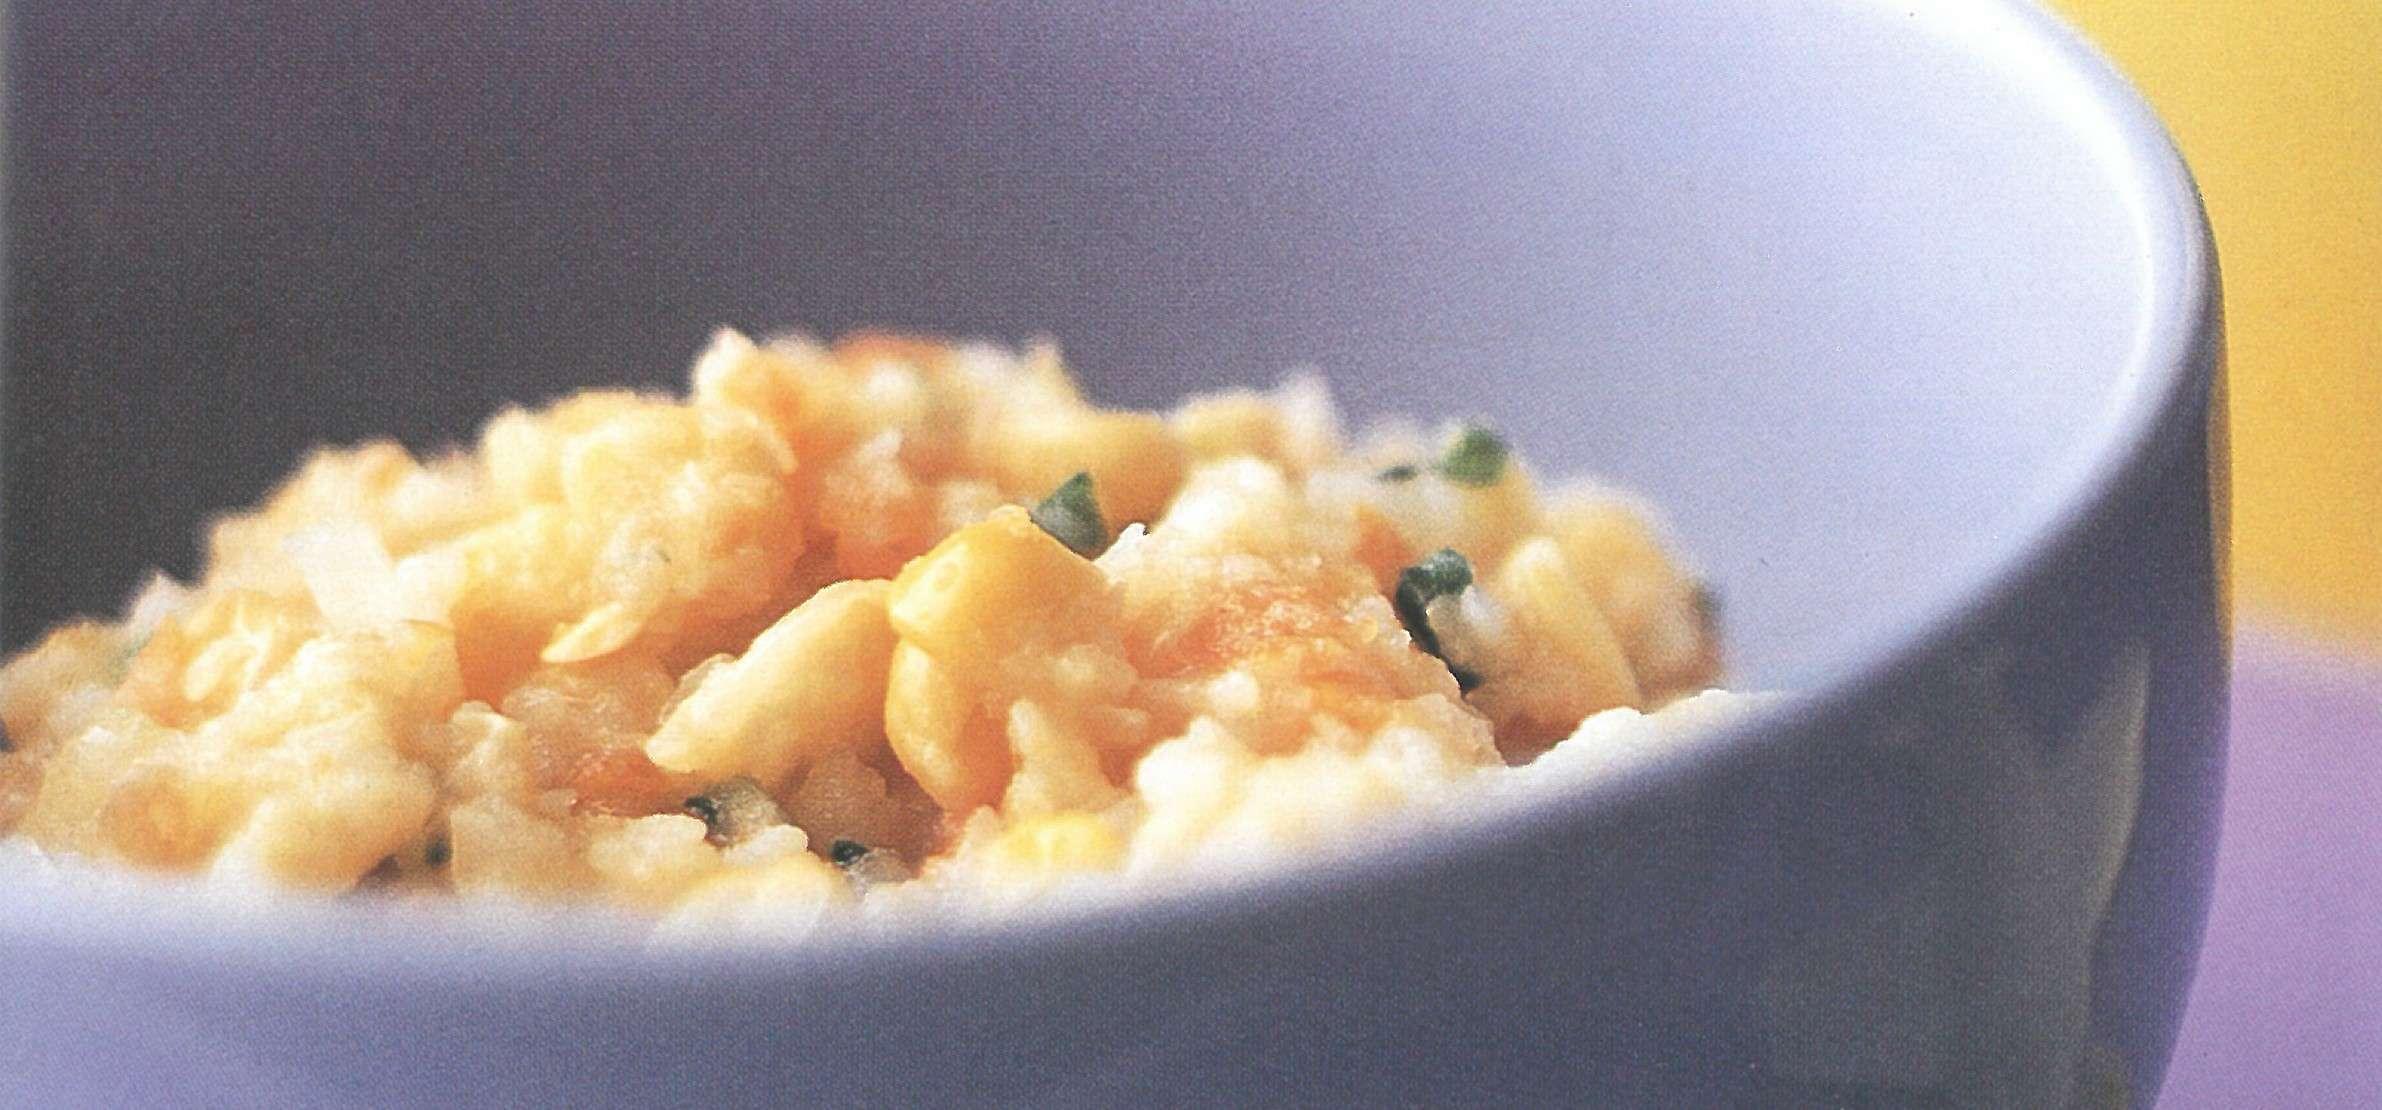 Recette Maïs doux aux pommes de terre